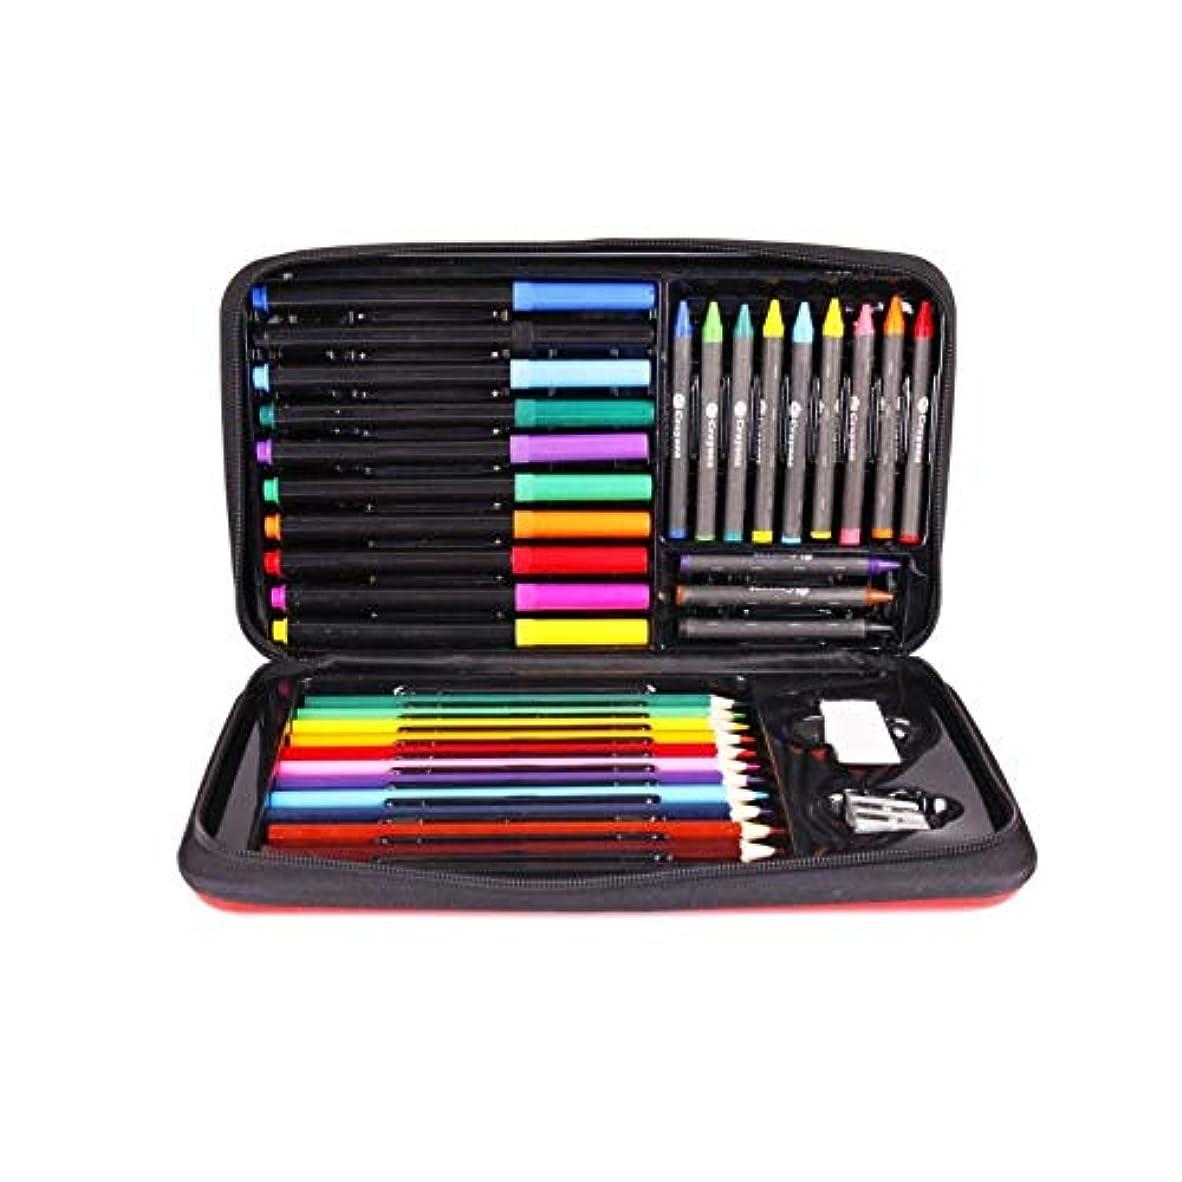 袋同様にネットJinnuotong ペイントブラシ、36の多機能ペイントツール、完全で使いやすい、クレヨン/カラーリード/水彩ストローク(36個、17x29x4cm)に適しています 執筆および絵画は滑らかです (Color : 36 pieces, Size : 17x29x4cm)